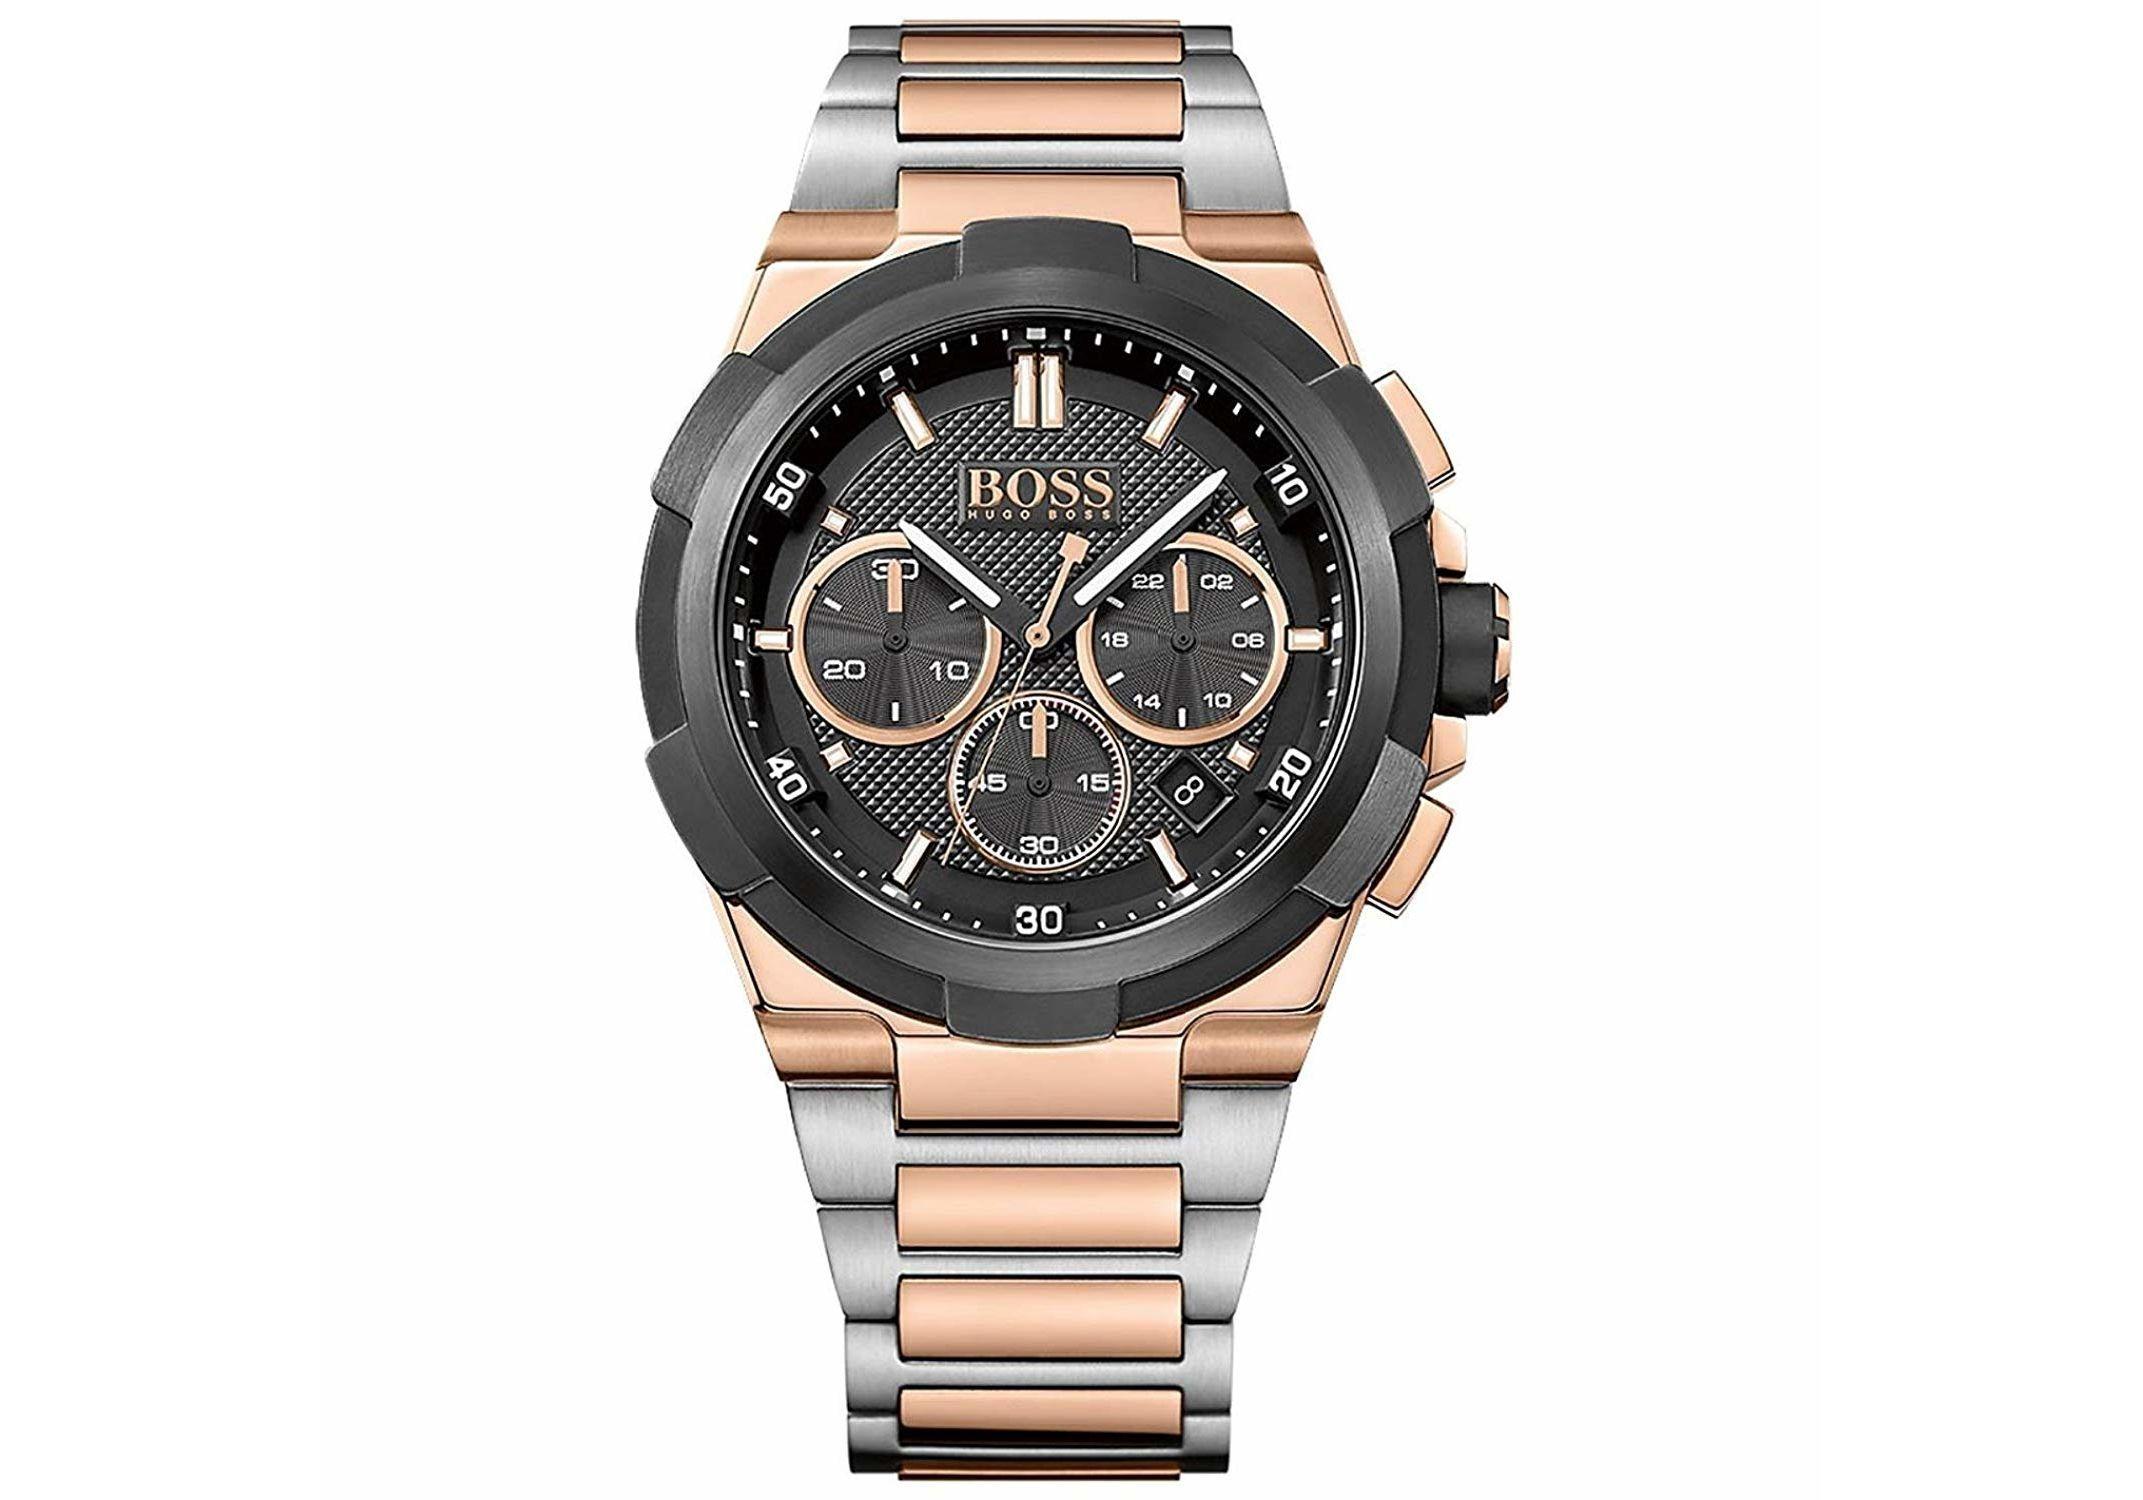 Hugo Boss Mens' Supernova Chronograph Watch 1513358